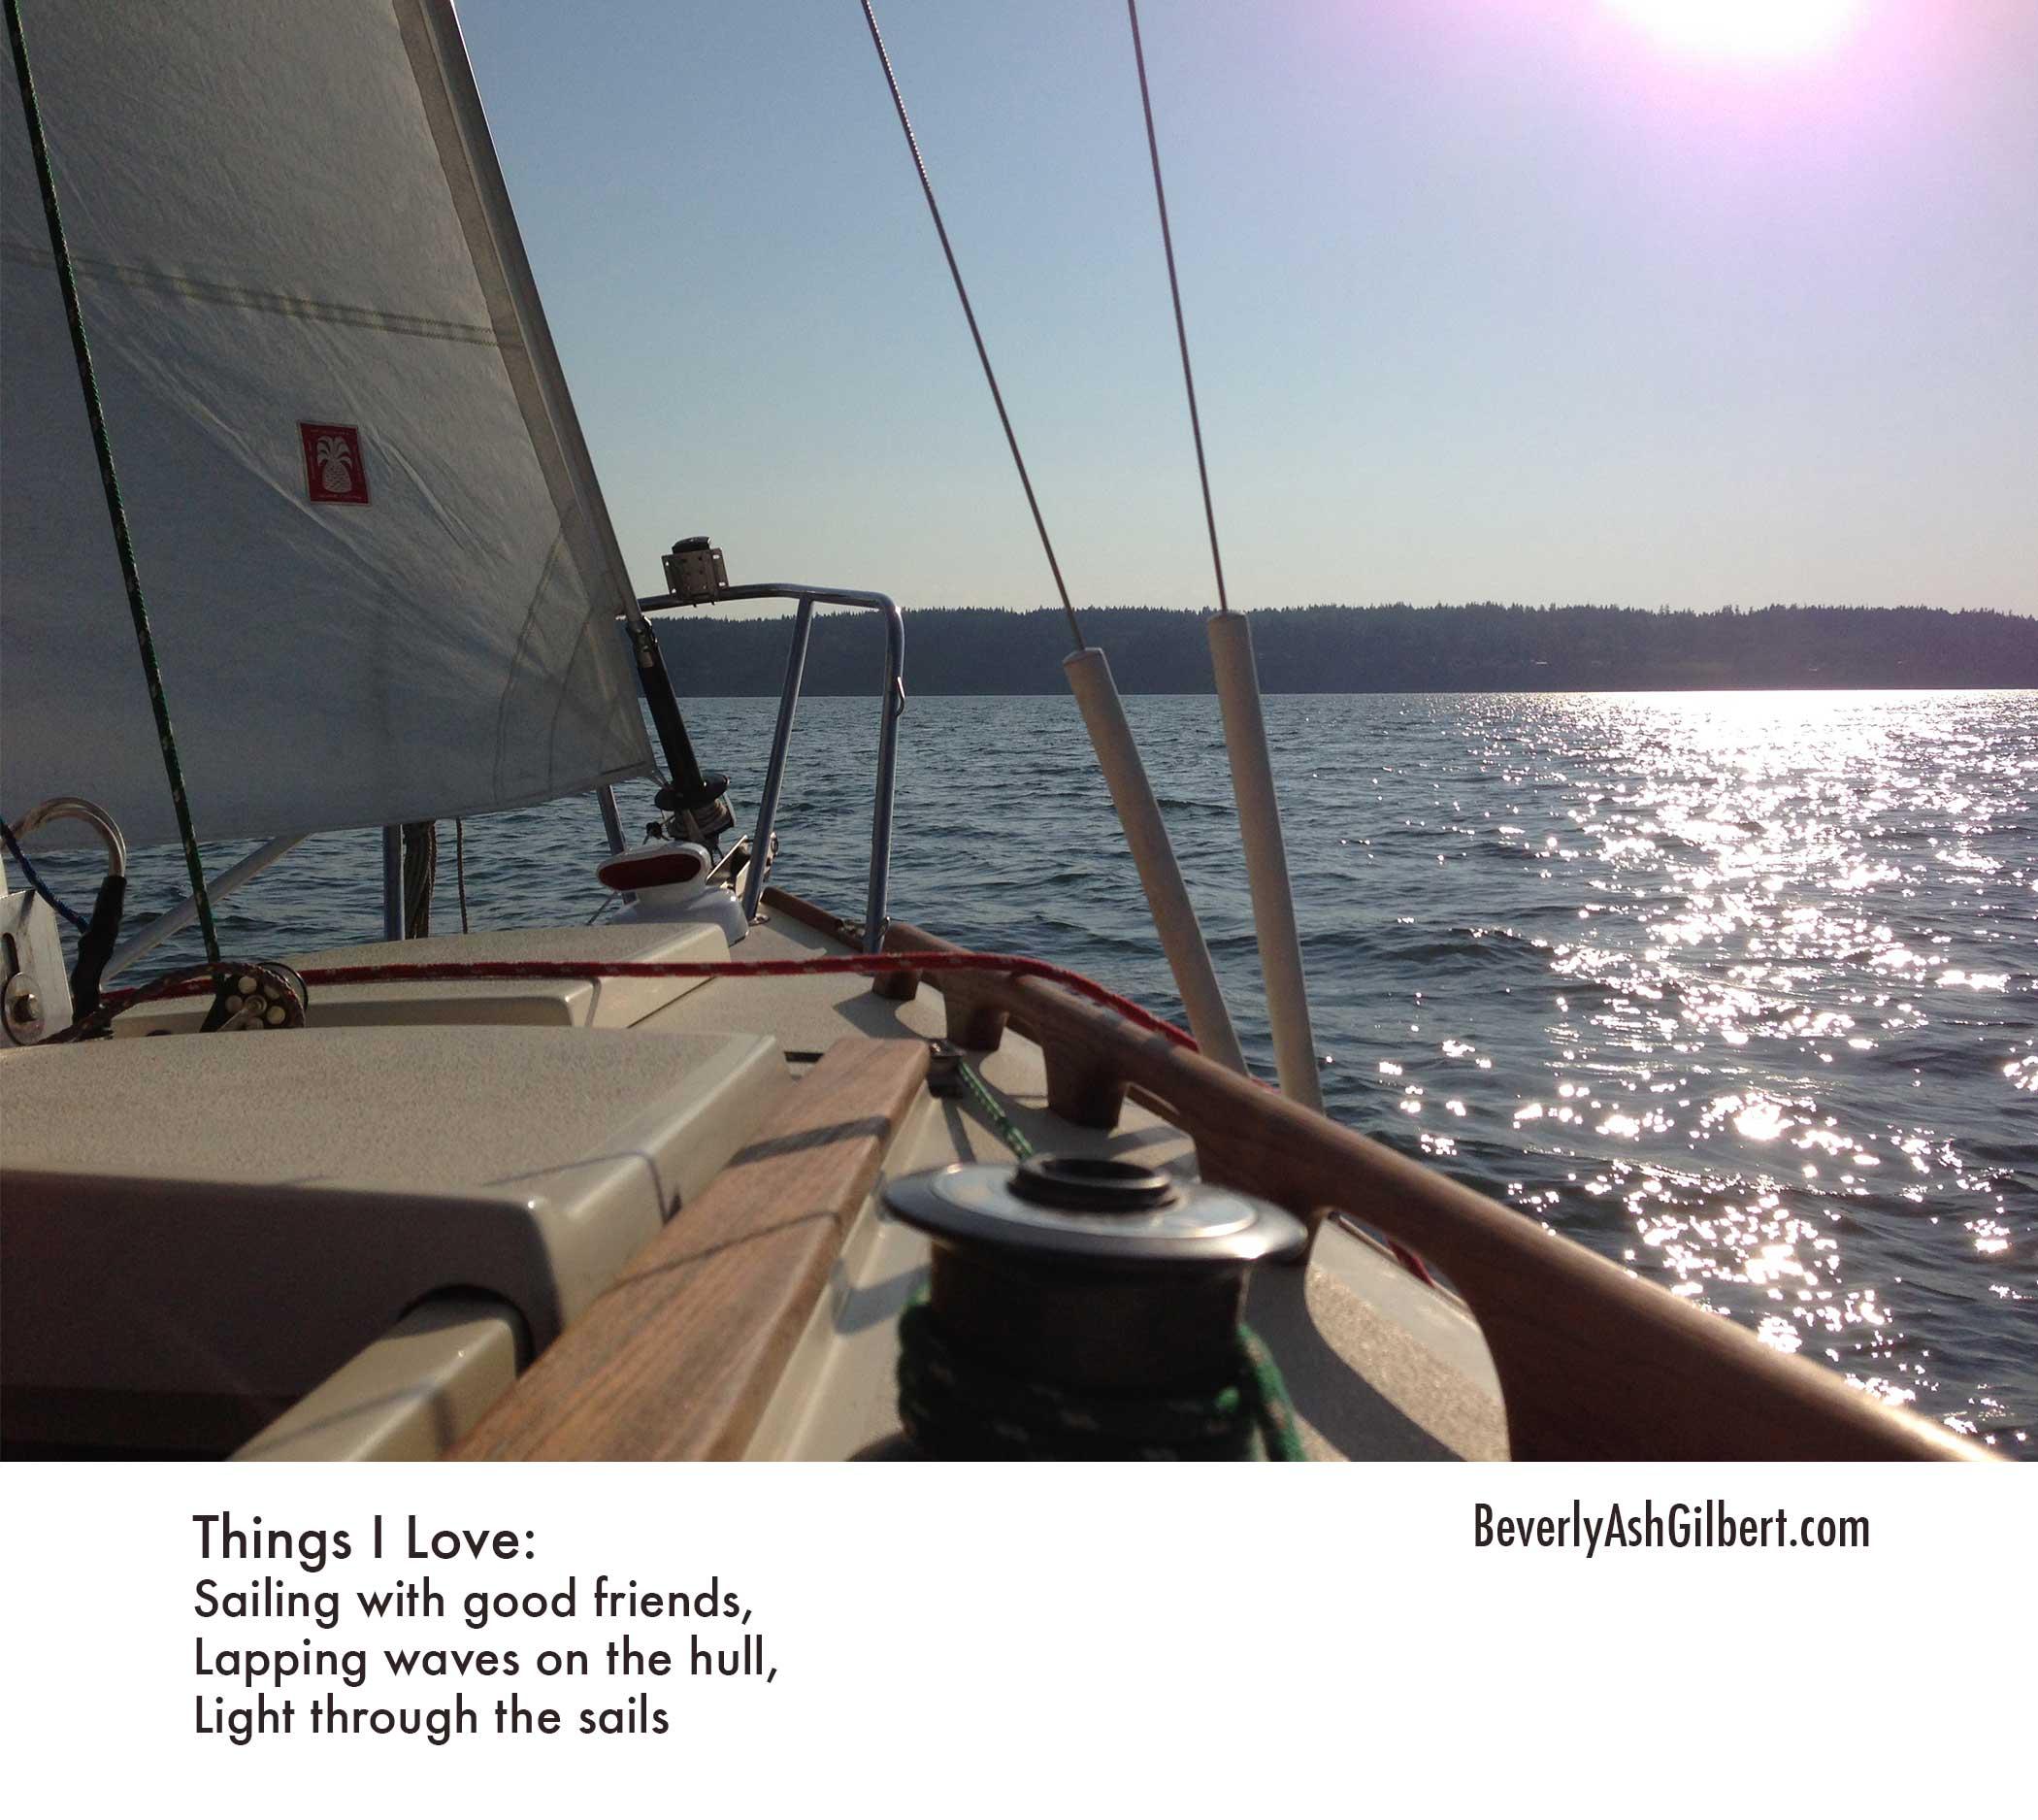 ThingsILove_LightThroughSails.jpg